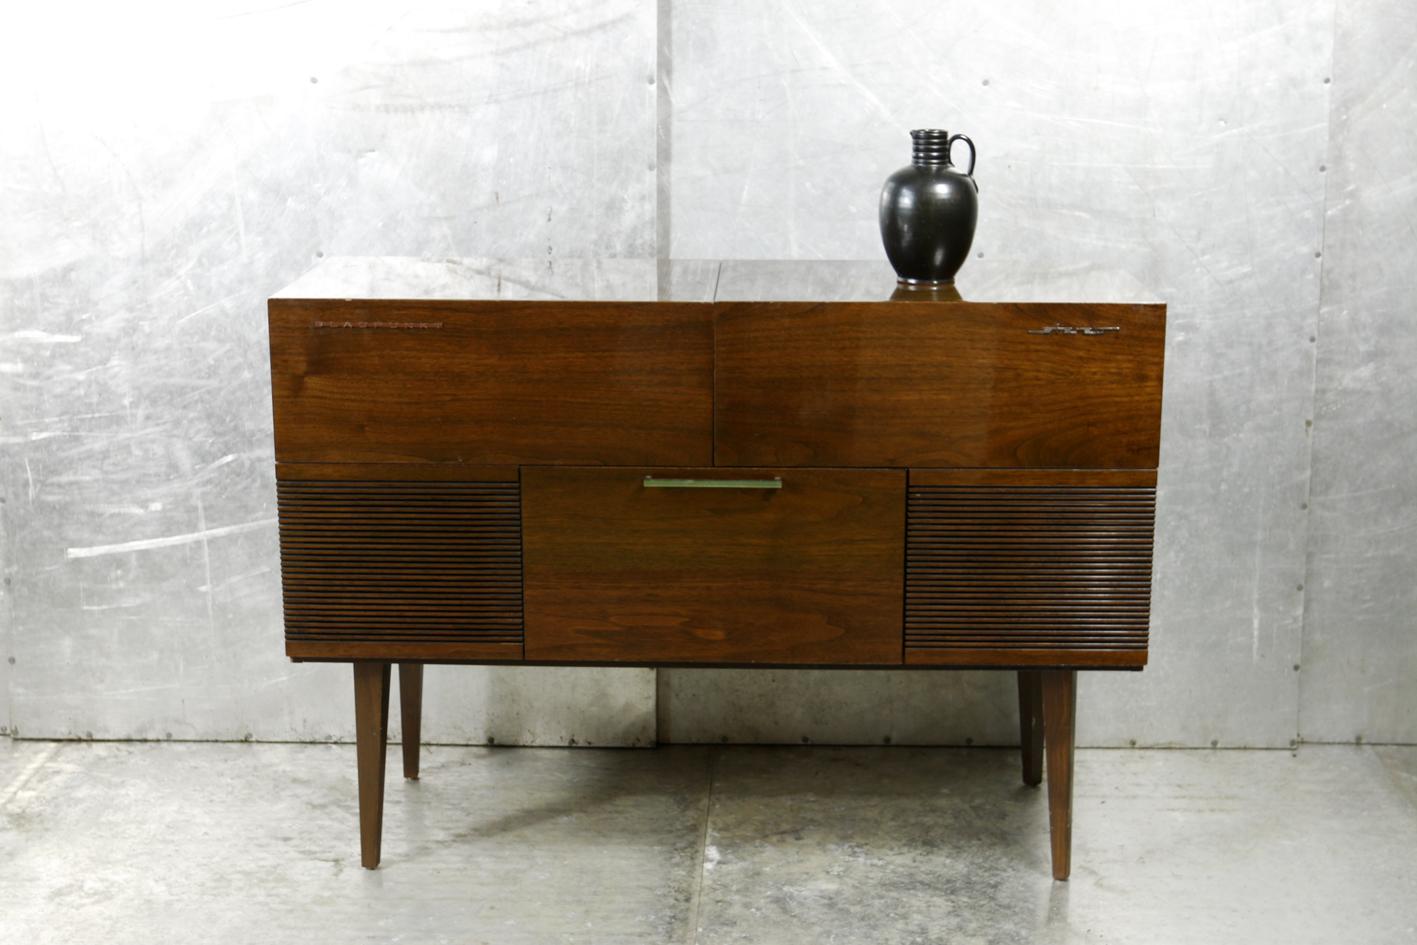 Audio Meubel Teak : Eclectisch vintage blaupunkt audiomeubel dressoir jaren